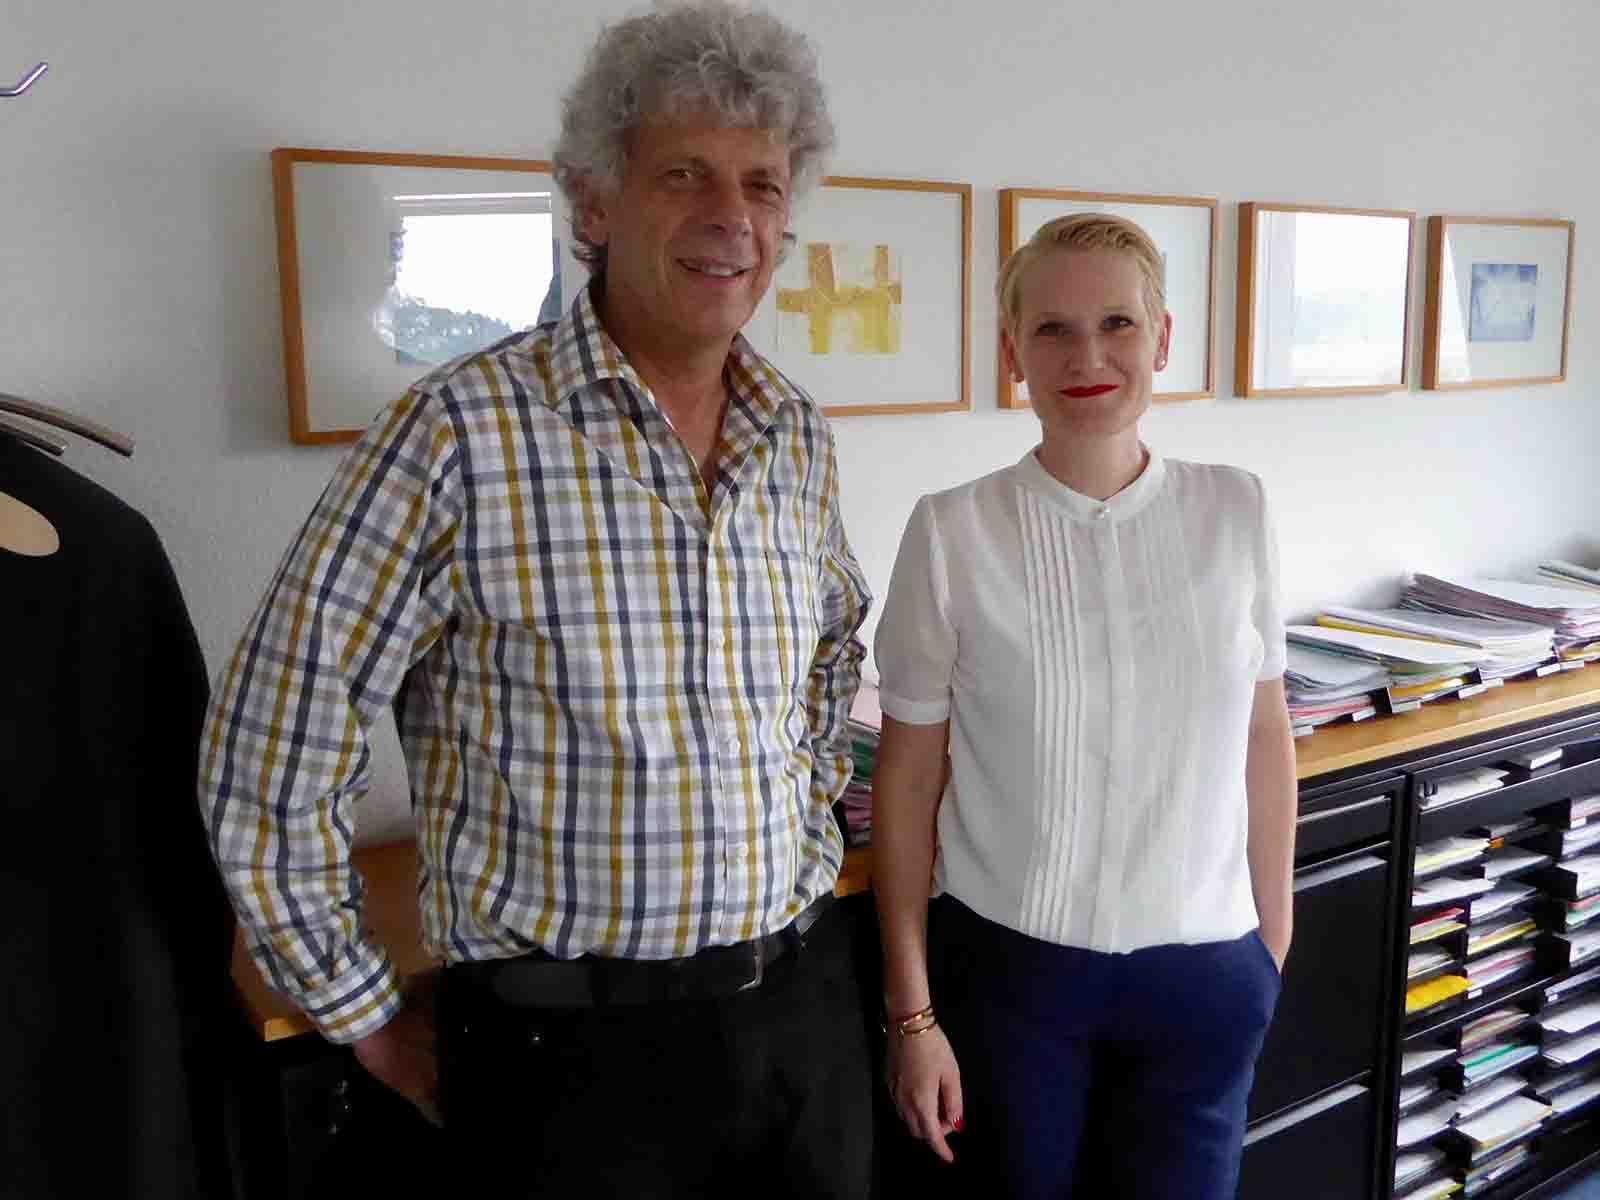 Bereit für den Schulkreis Waidberg: Gabriela Rothenfluh übernimmt von Urs Berger das Schulpräsidium.